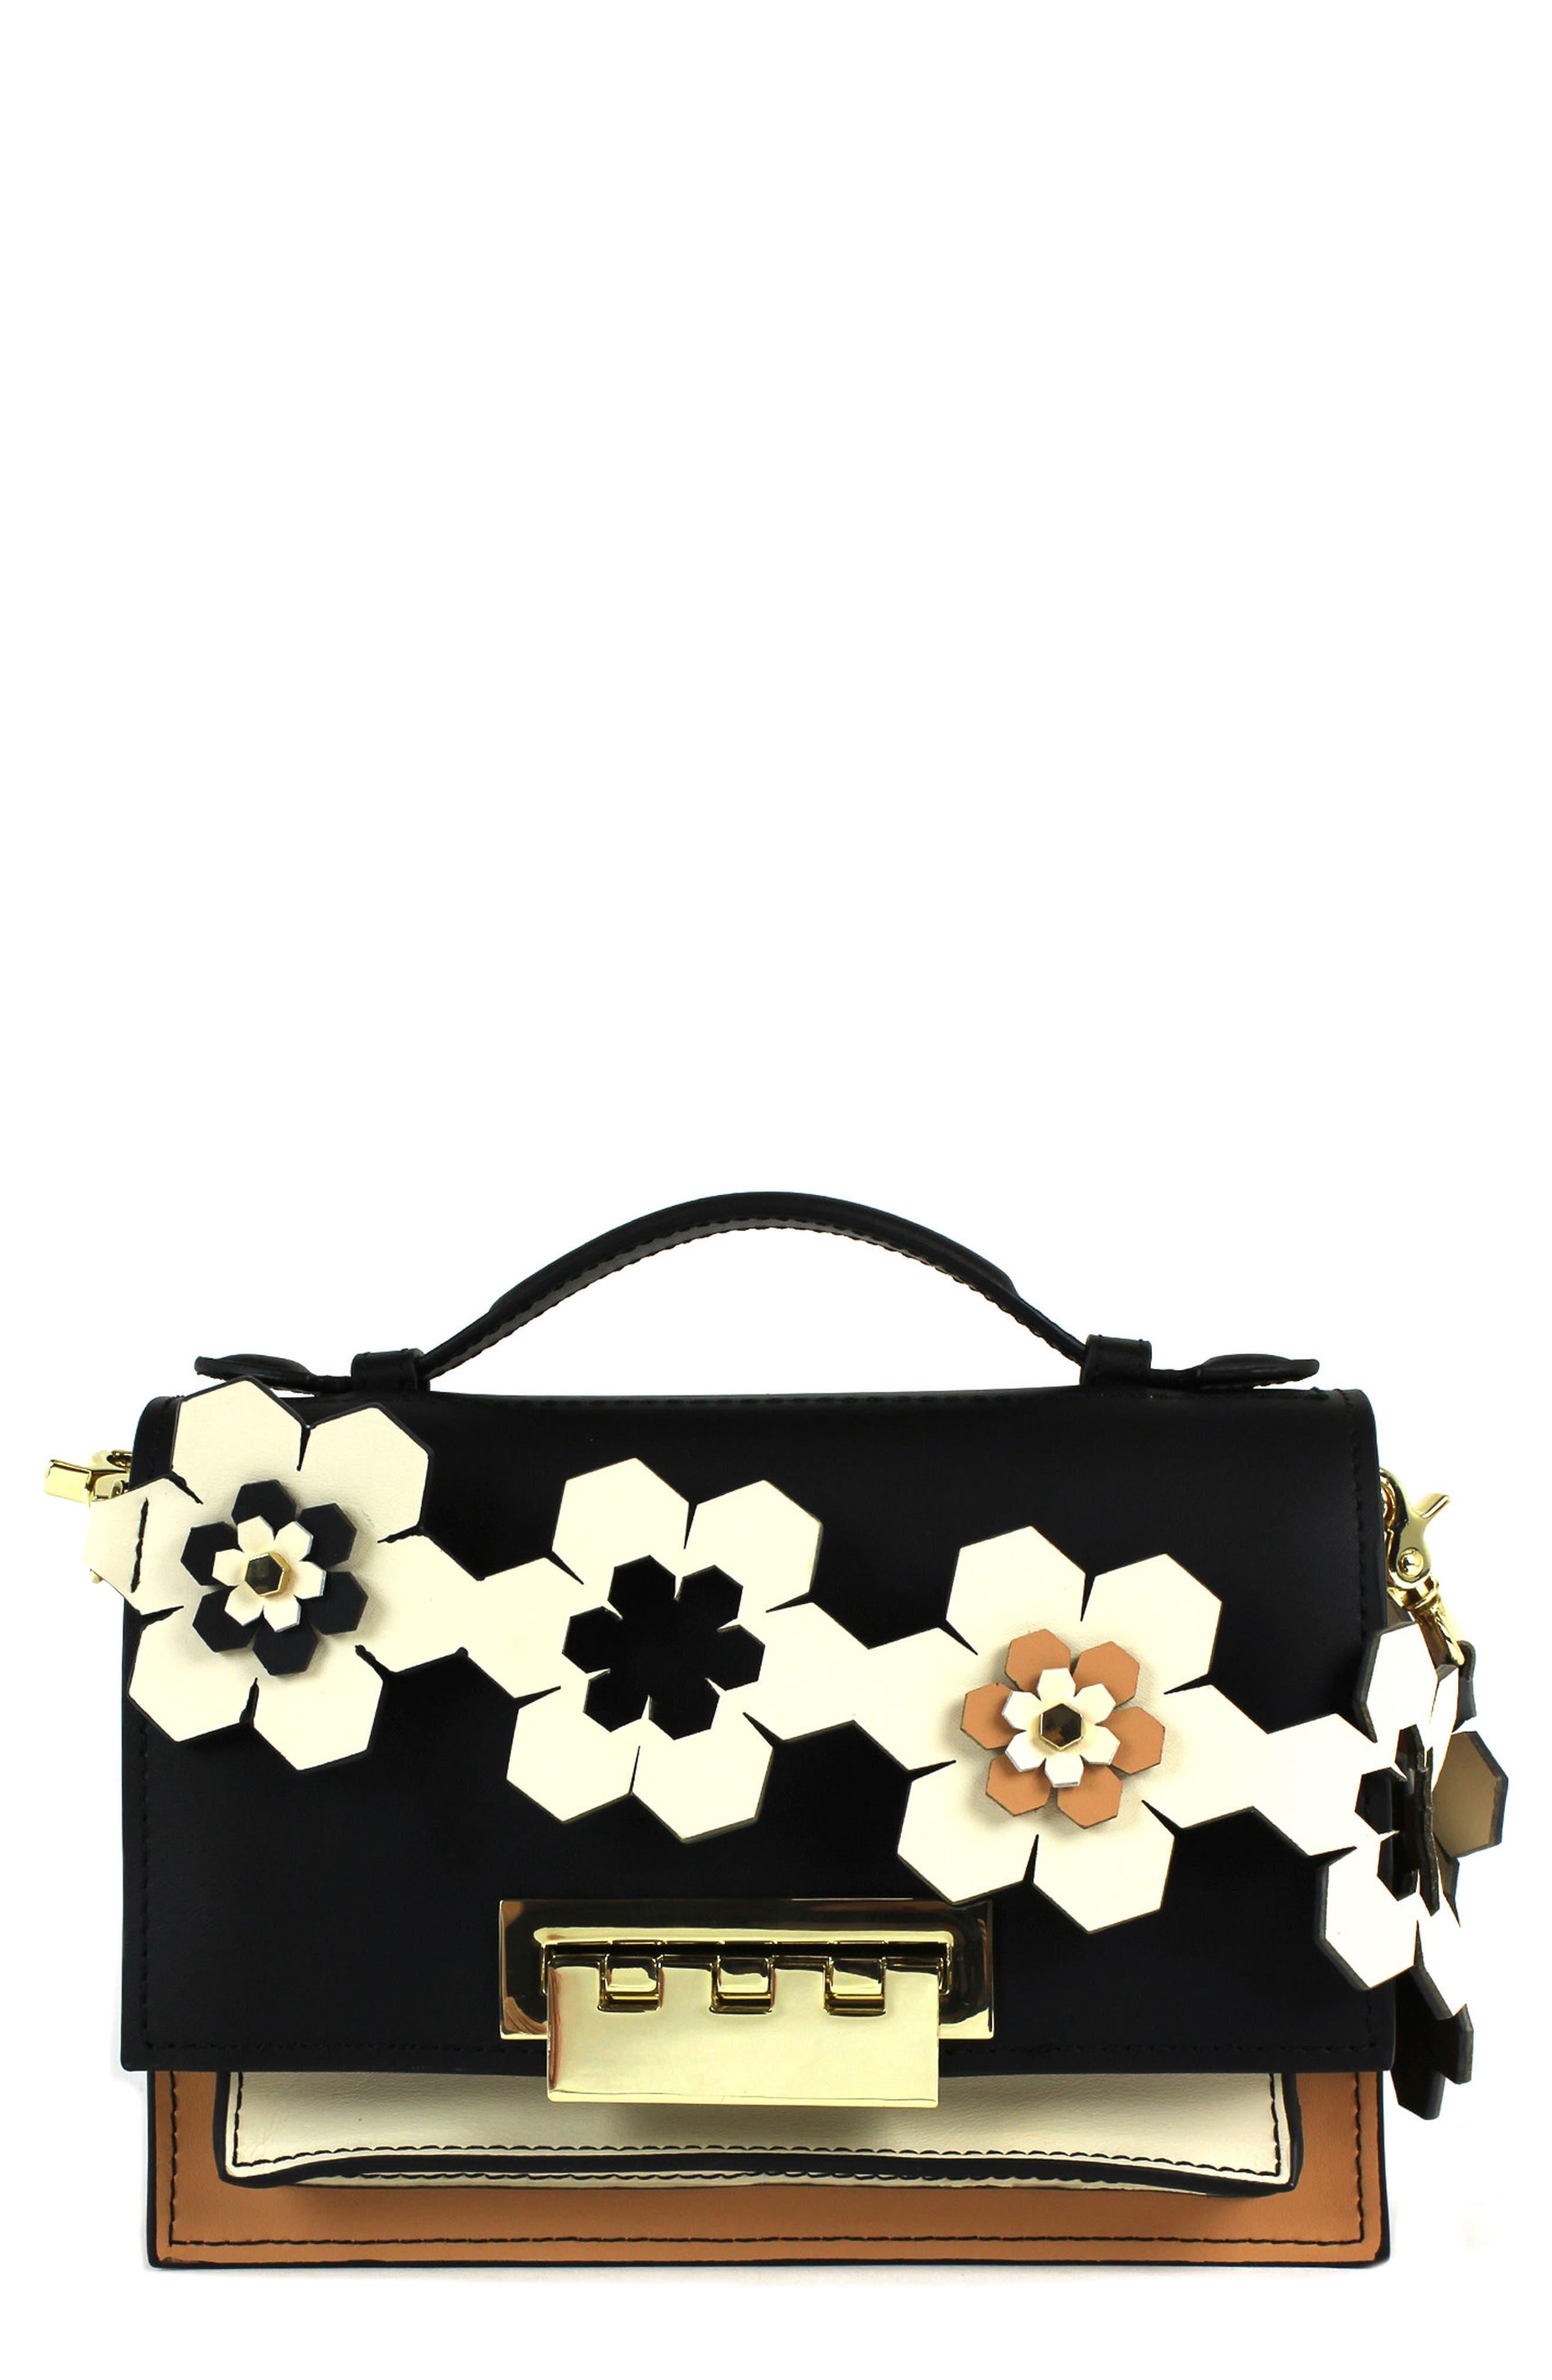 Earthette Calfskin Leather Accordion Shoulder Bag,                         Main,                         color, Black